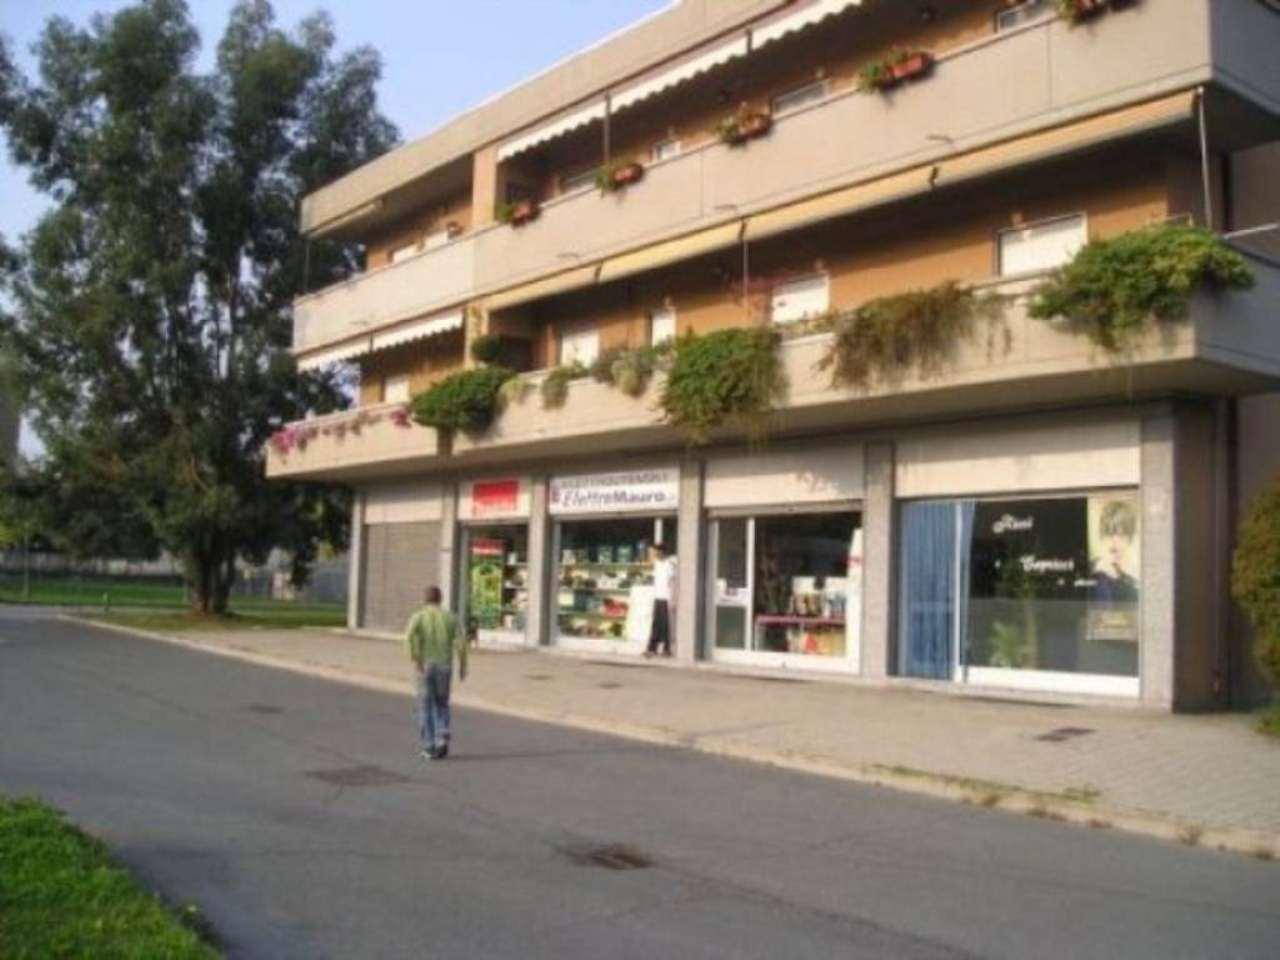 Negozio in affitto via Don Capirone Rivarolo Canavese